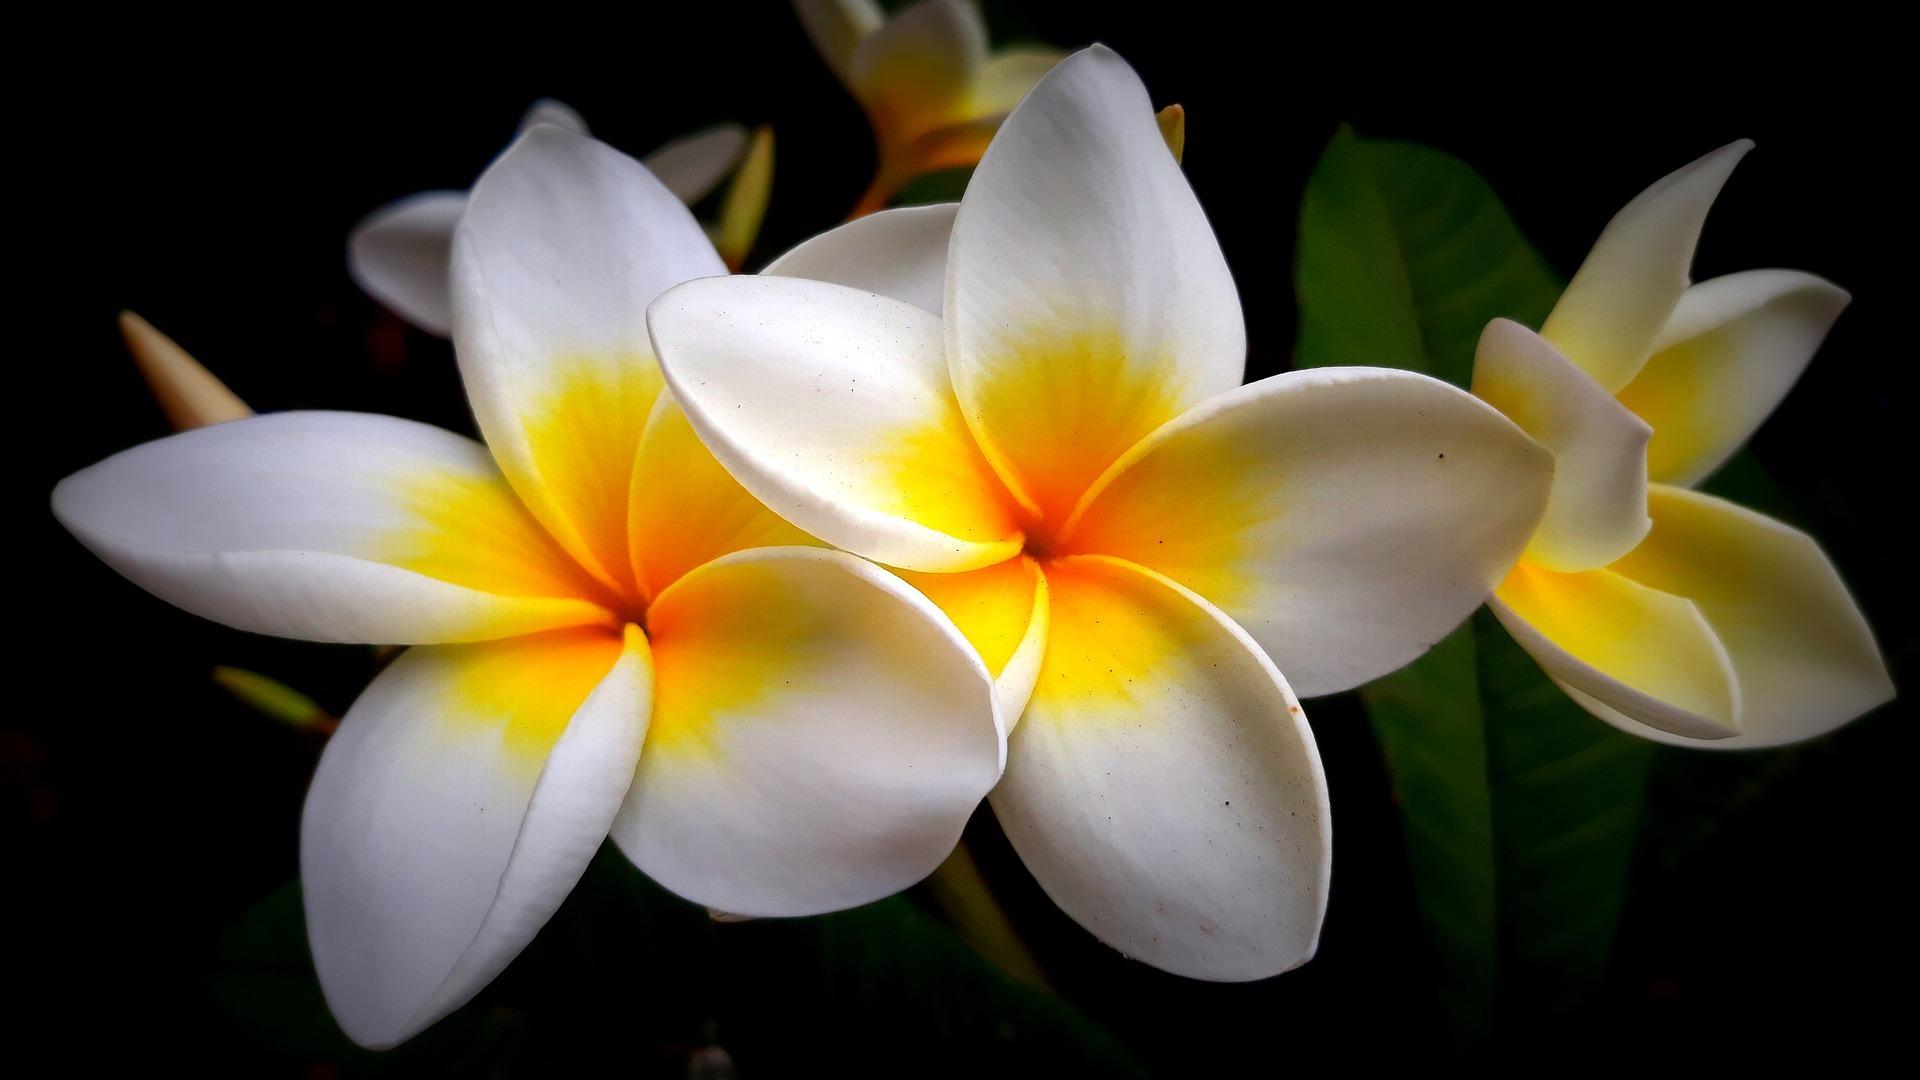 un giardino di fiori bellissimi …